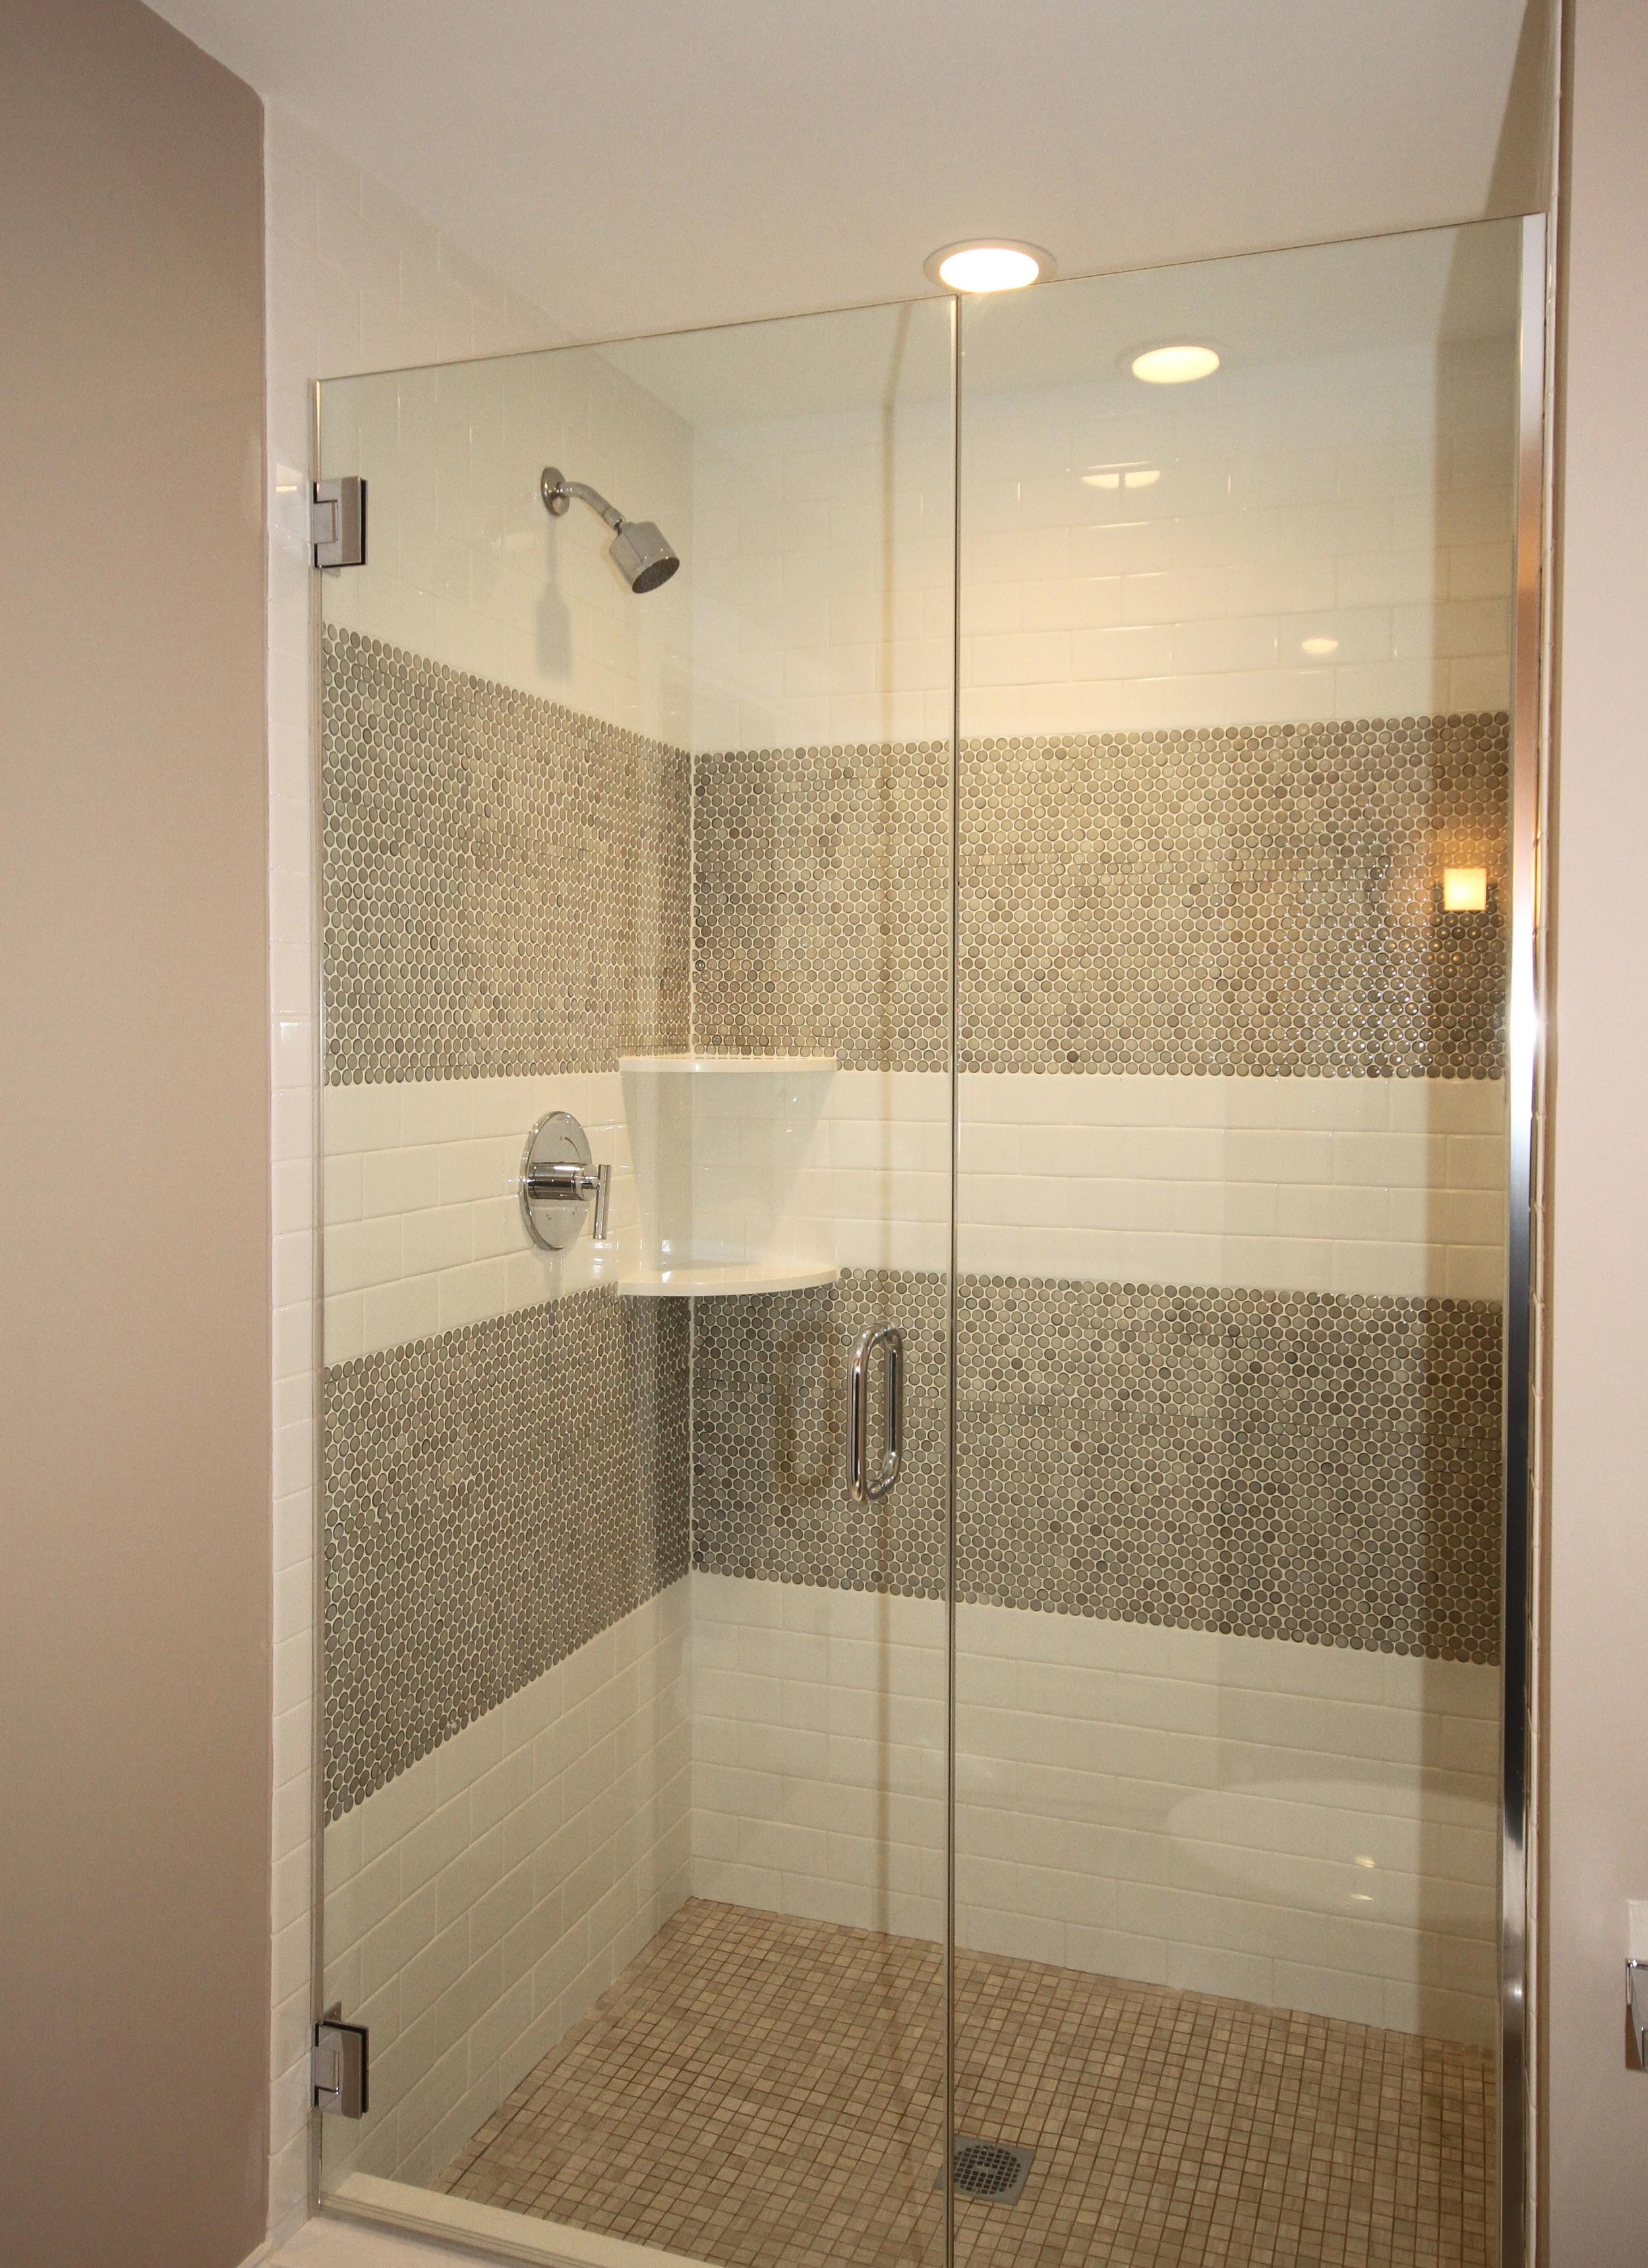 mater shower 1.jpg